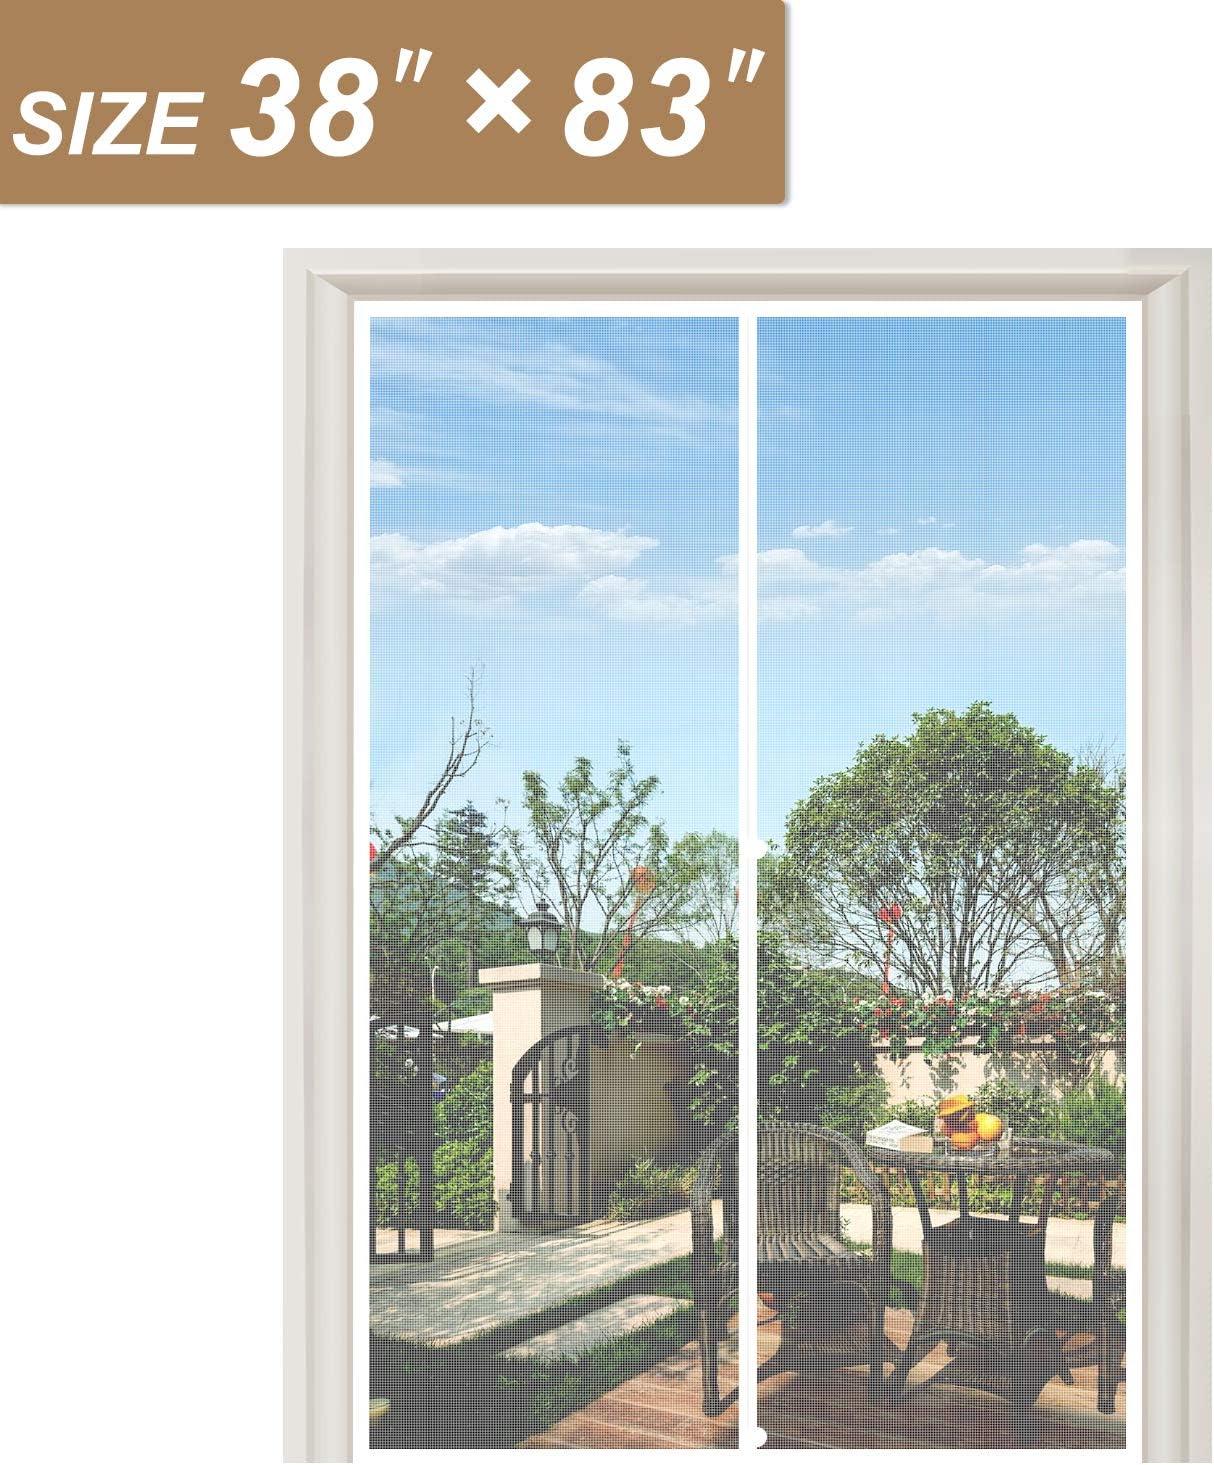 Puerta de pantalla magnética blanca de 38 x 83, pantalla de puerta francesa de malla de fibra de vidrio con imanes para puertas de hasta 38 pulgadas de ancho x 83 pulgadas